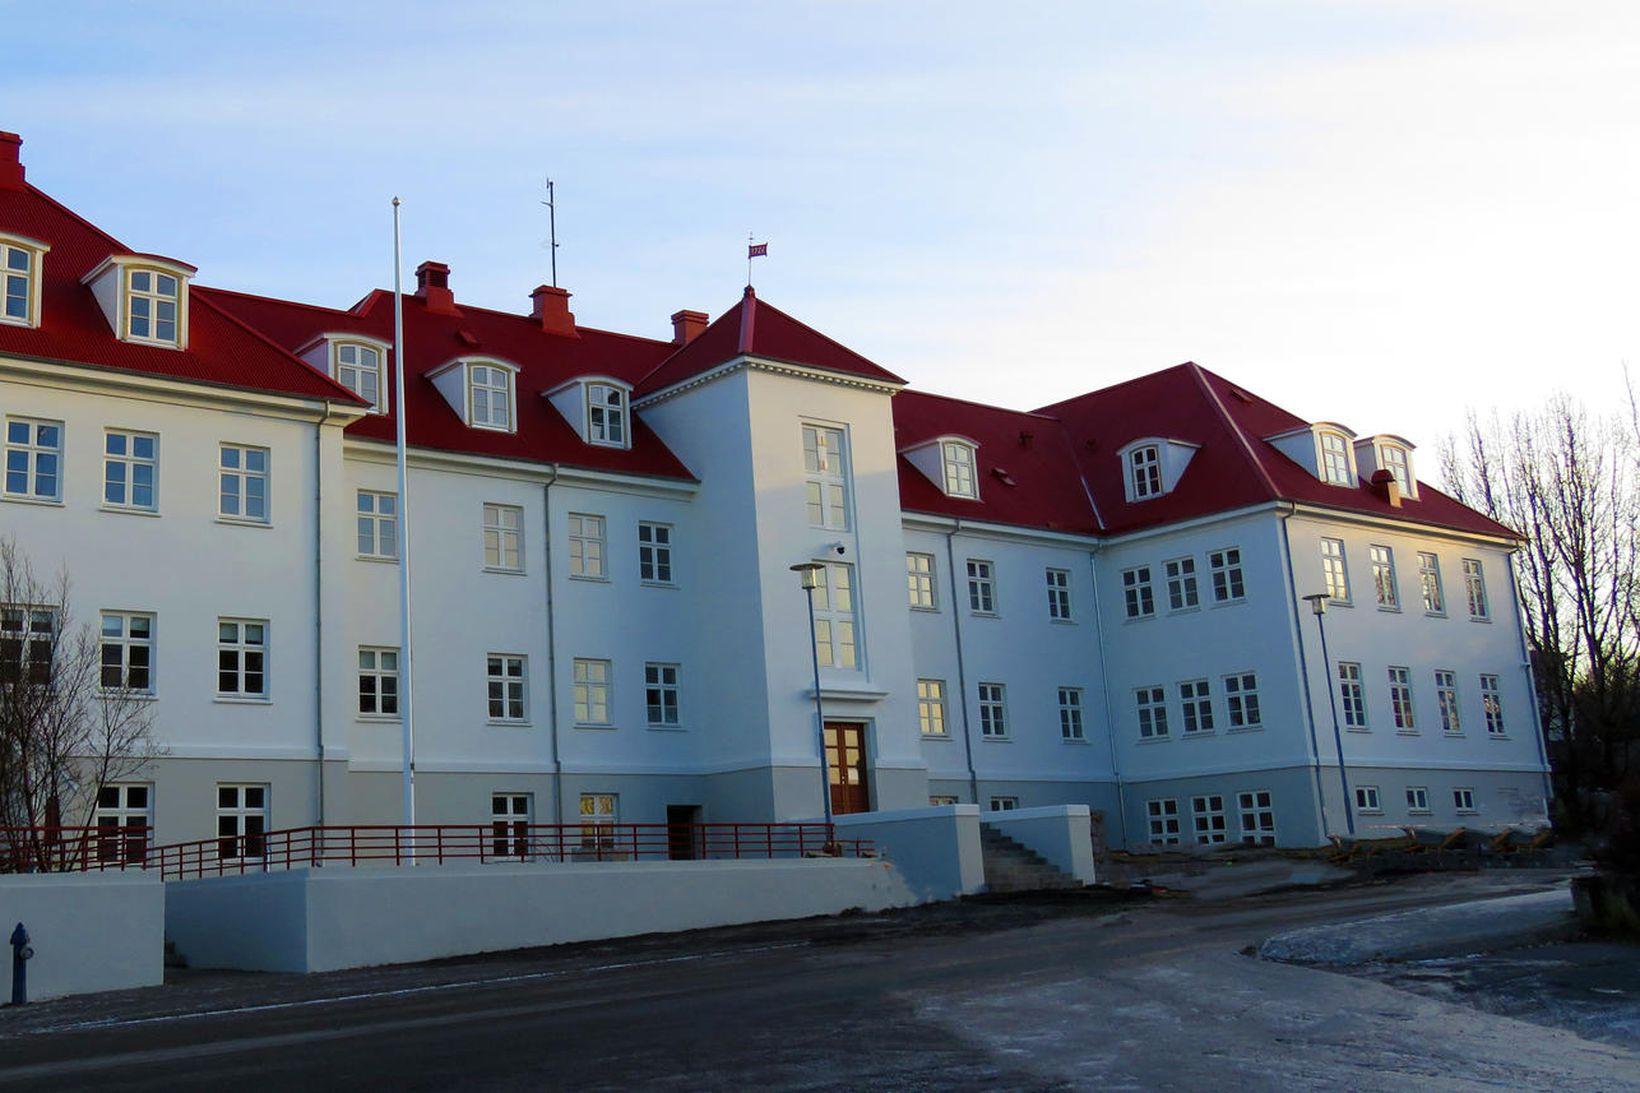 St. Jó hefur fengið nýtt hlutverk í að skapa Hafnarfirði …